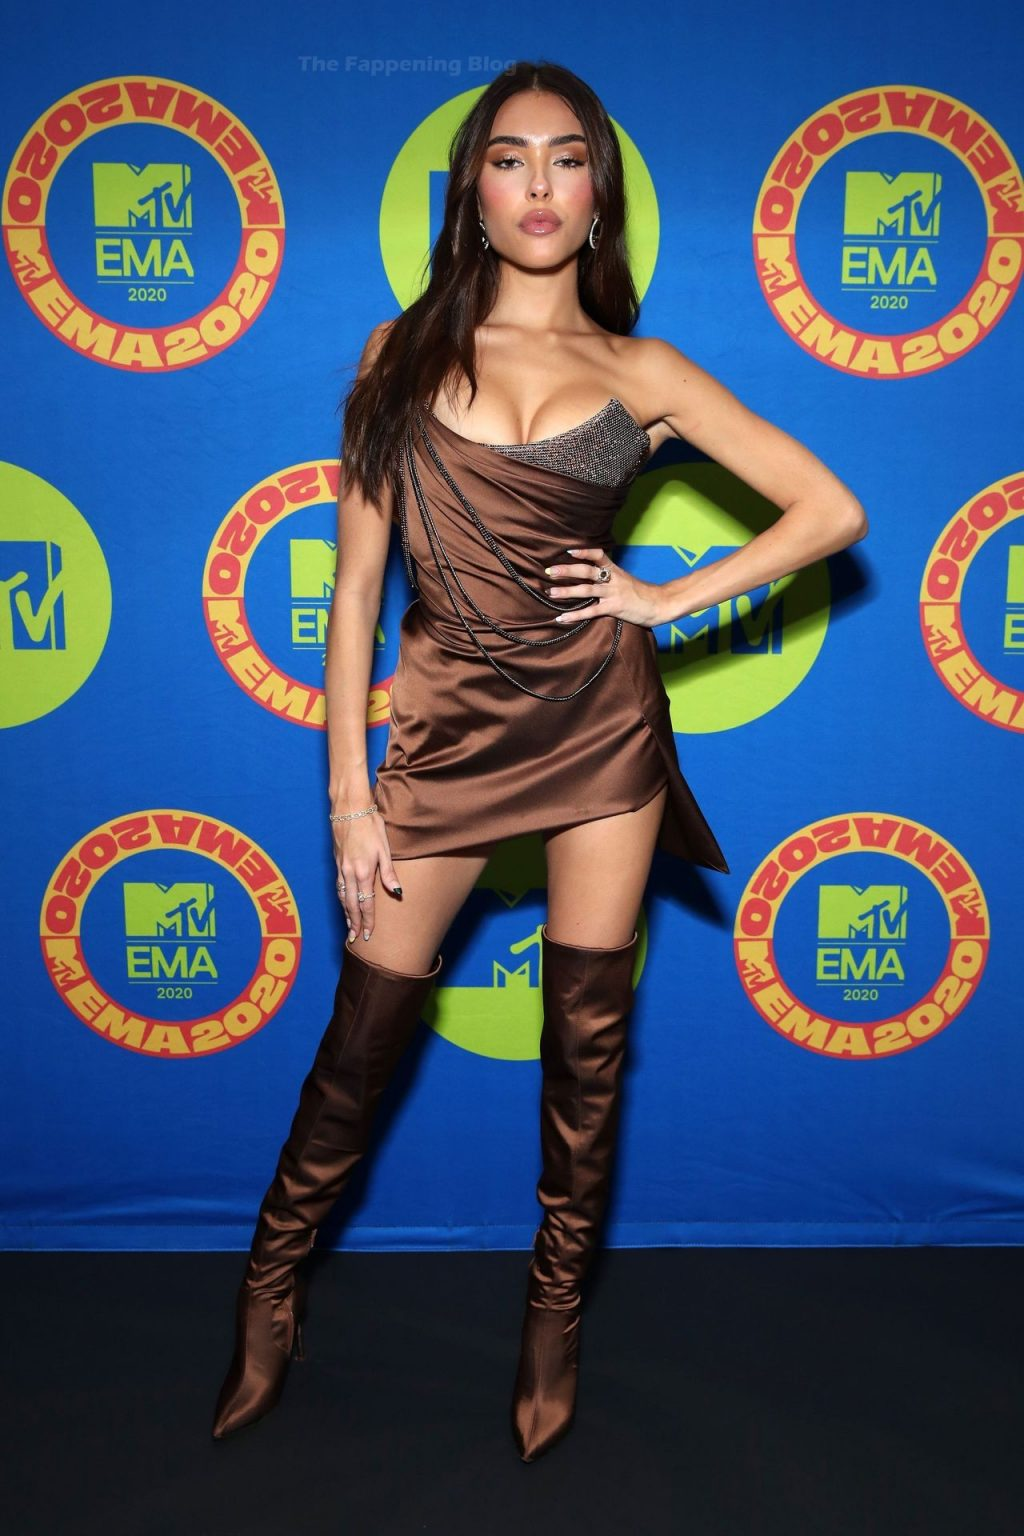 Madison Beer Stuns at the MTV EMAs (6 Photos)